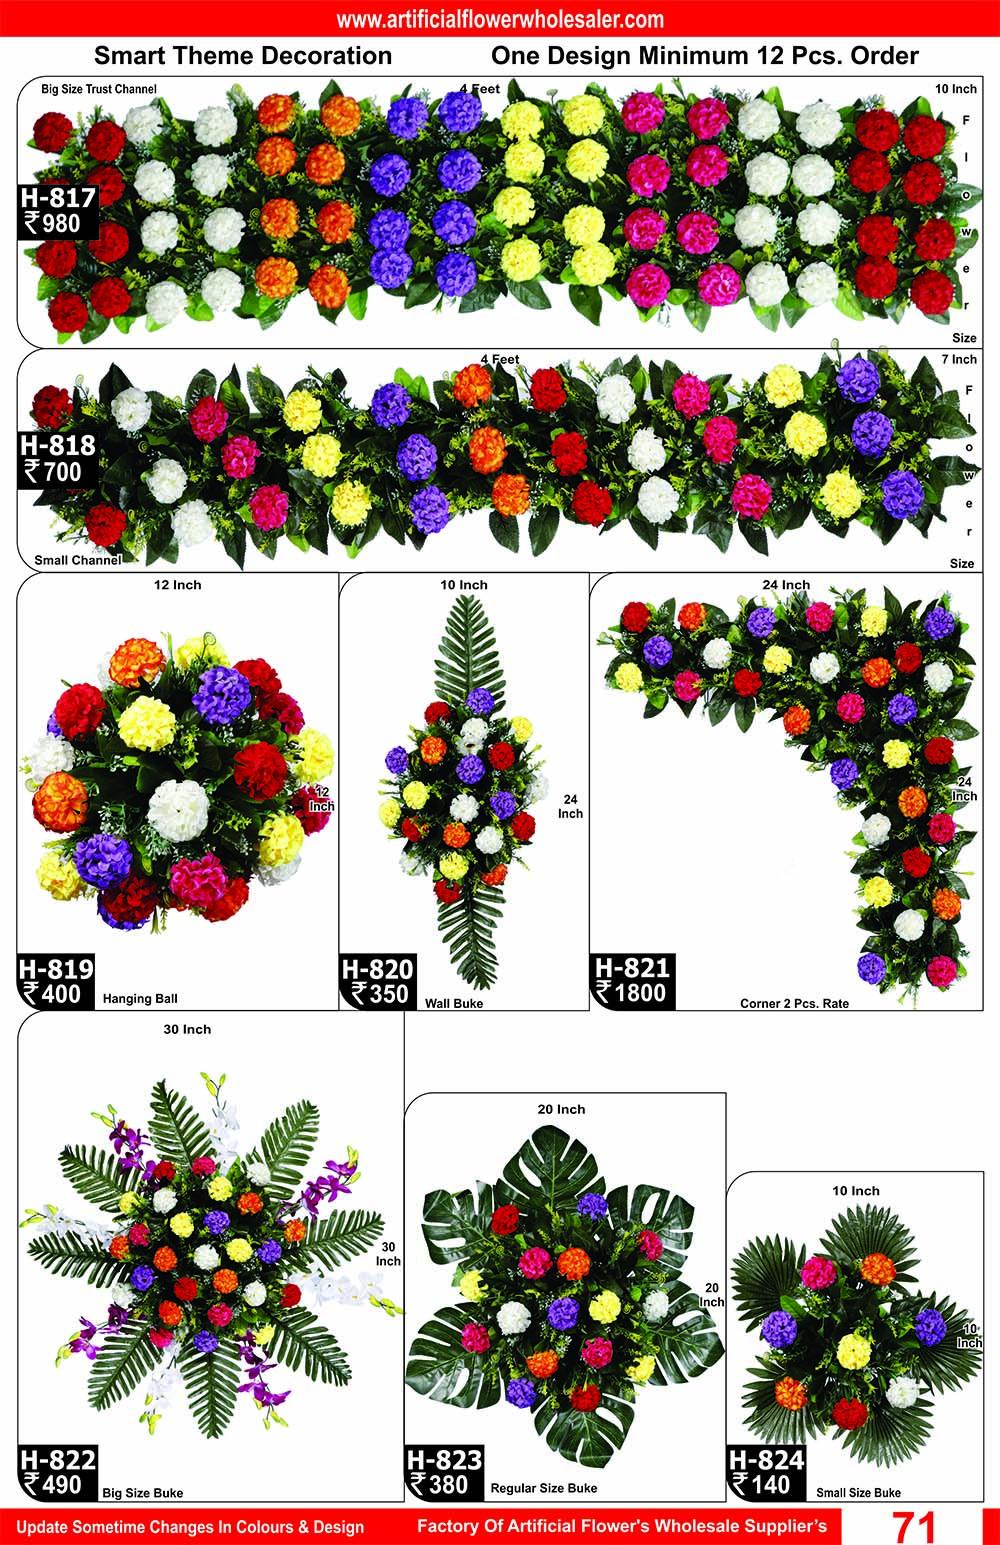 71-artificial-flower-wholesaler